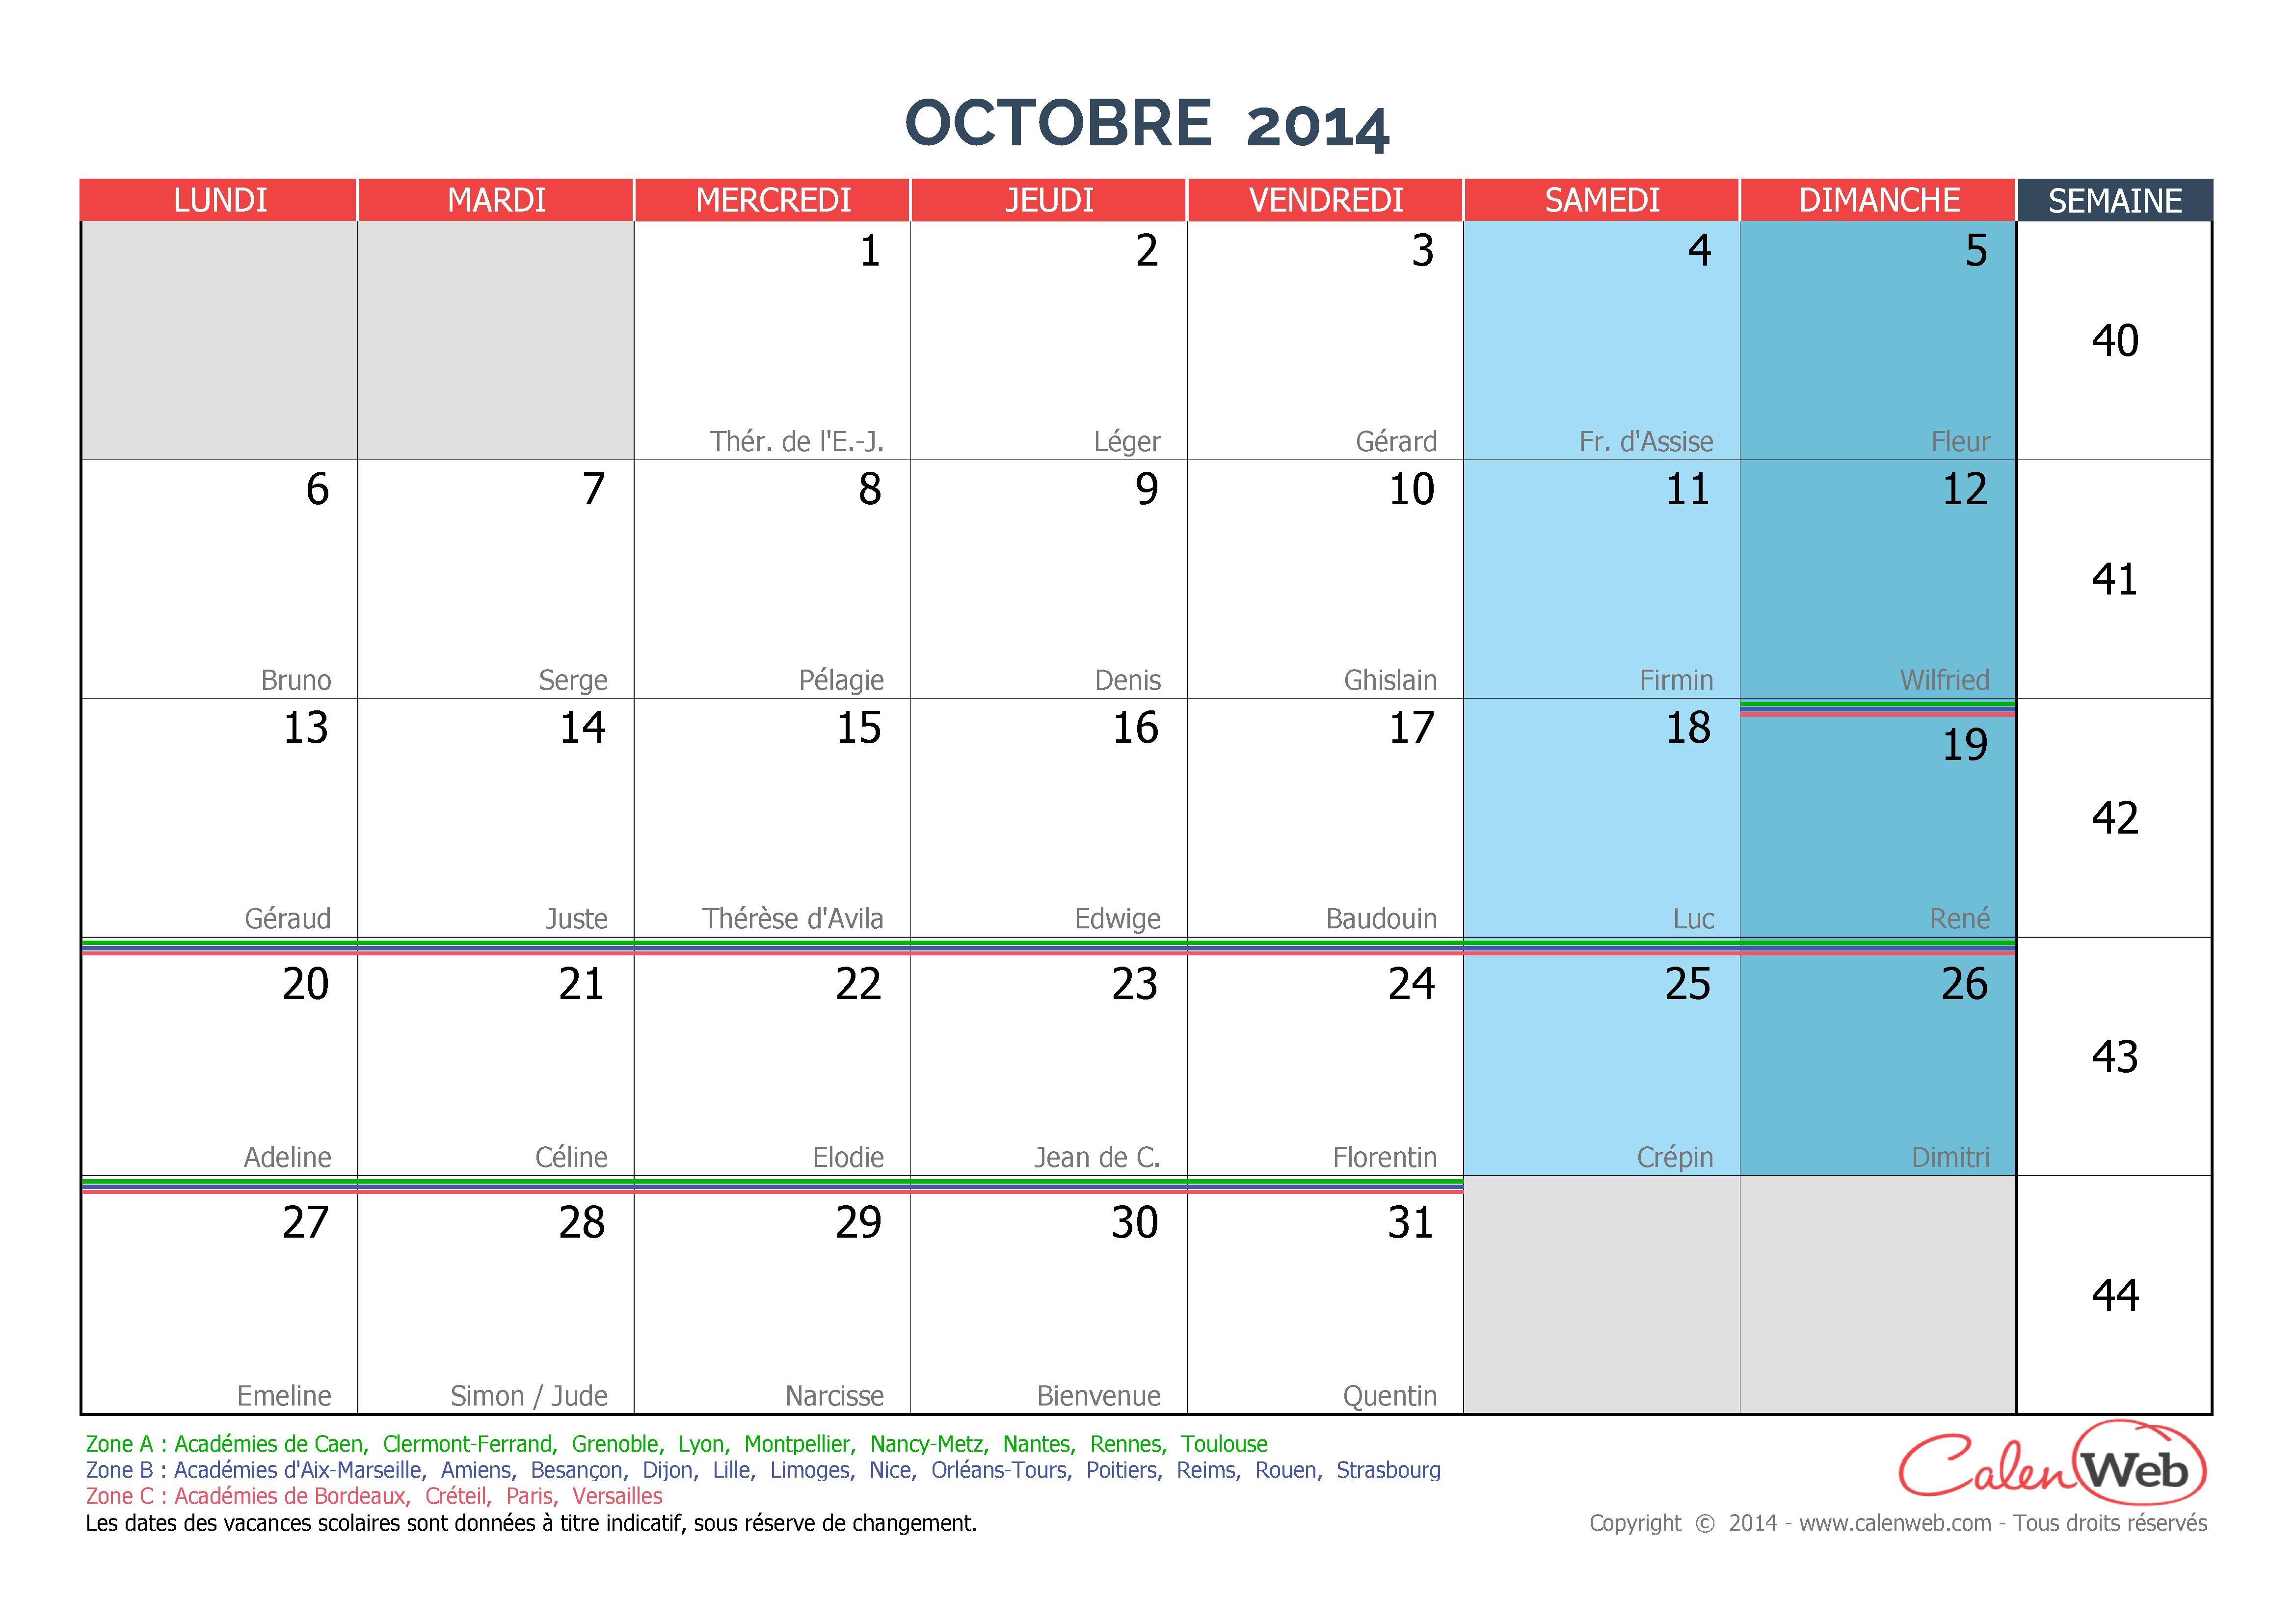 calendrier mensuel mois d 39 octobre 2014 avec f tes jours f ri s et vacances scolaires. Black Bedroom Furniture Sets. Home Design Ideas